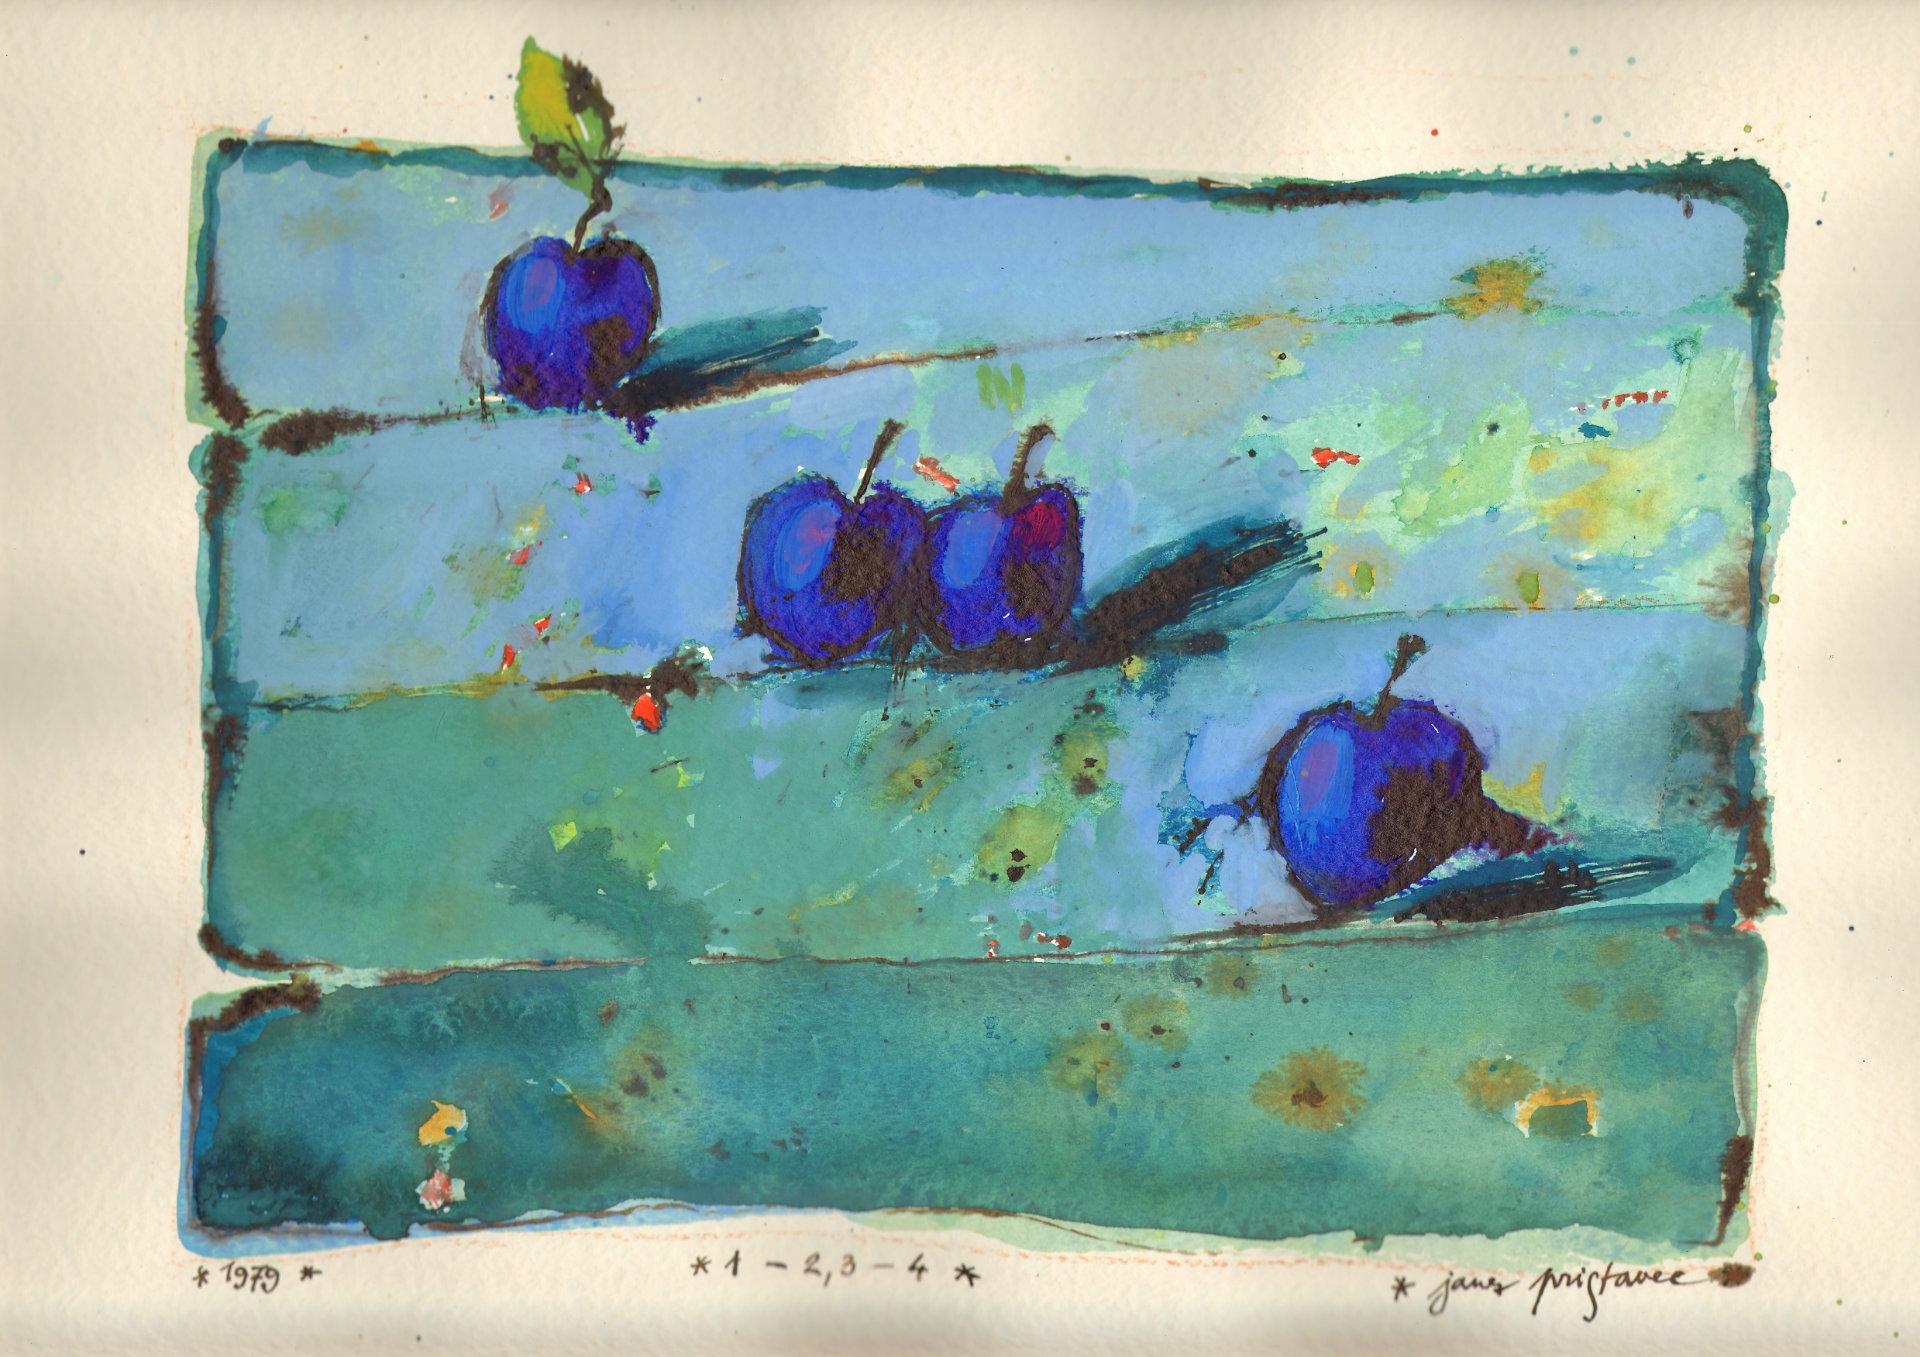 Serija akvarelov iz leta 1979   Janez Pristavec